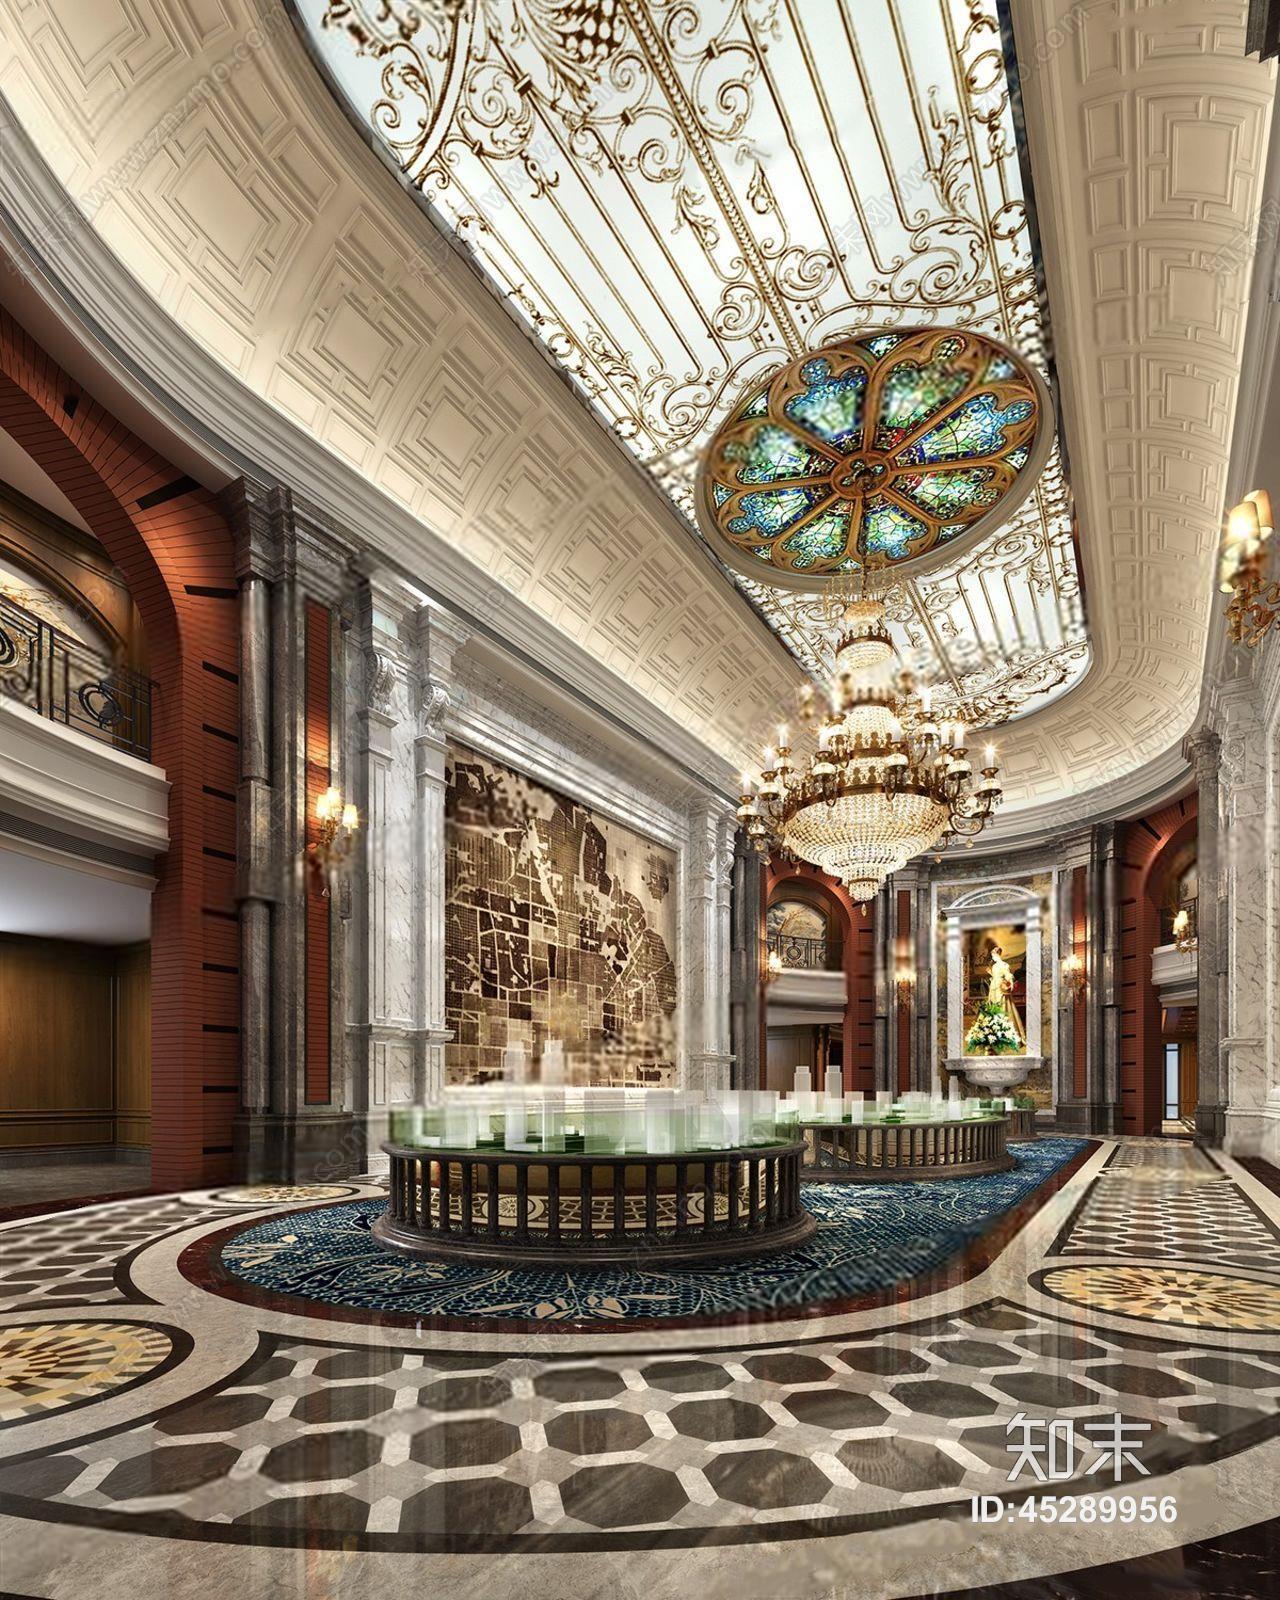 欧式古典售楼处 欧式古典售楼处 沙盘 吊顶 欧式水晶吊灯 宫廷吊灯